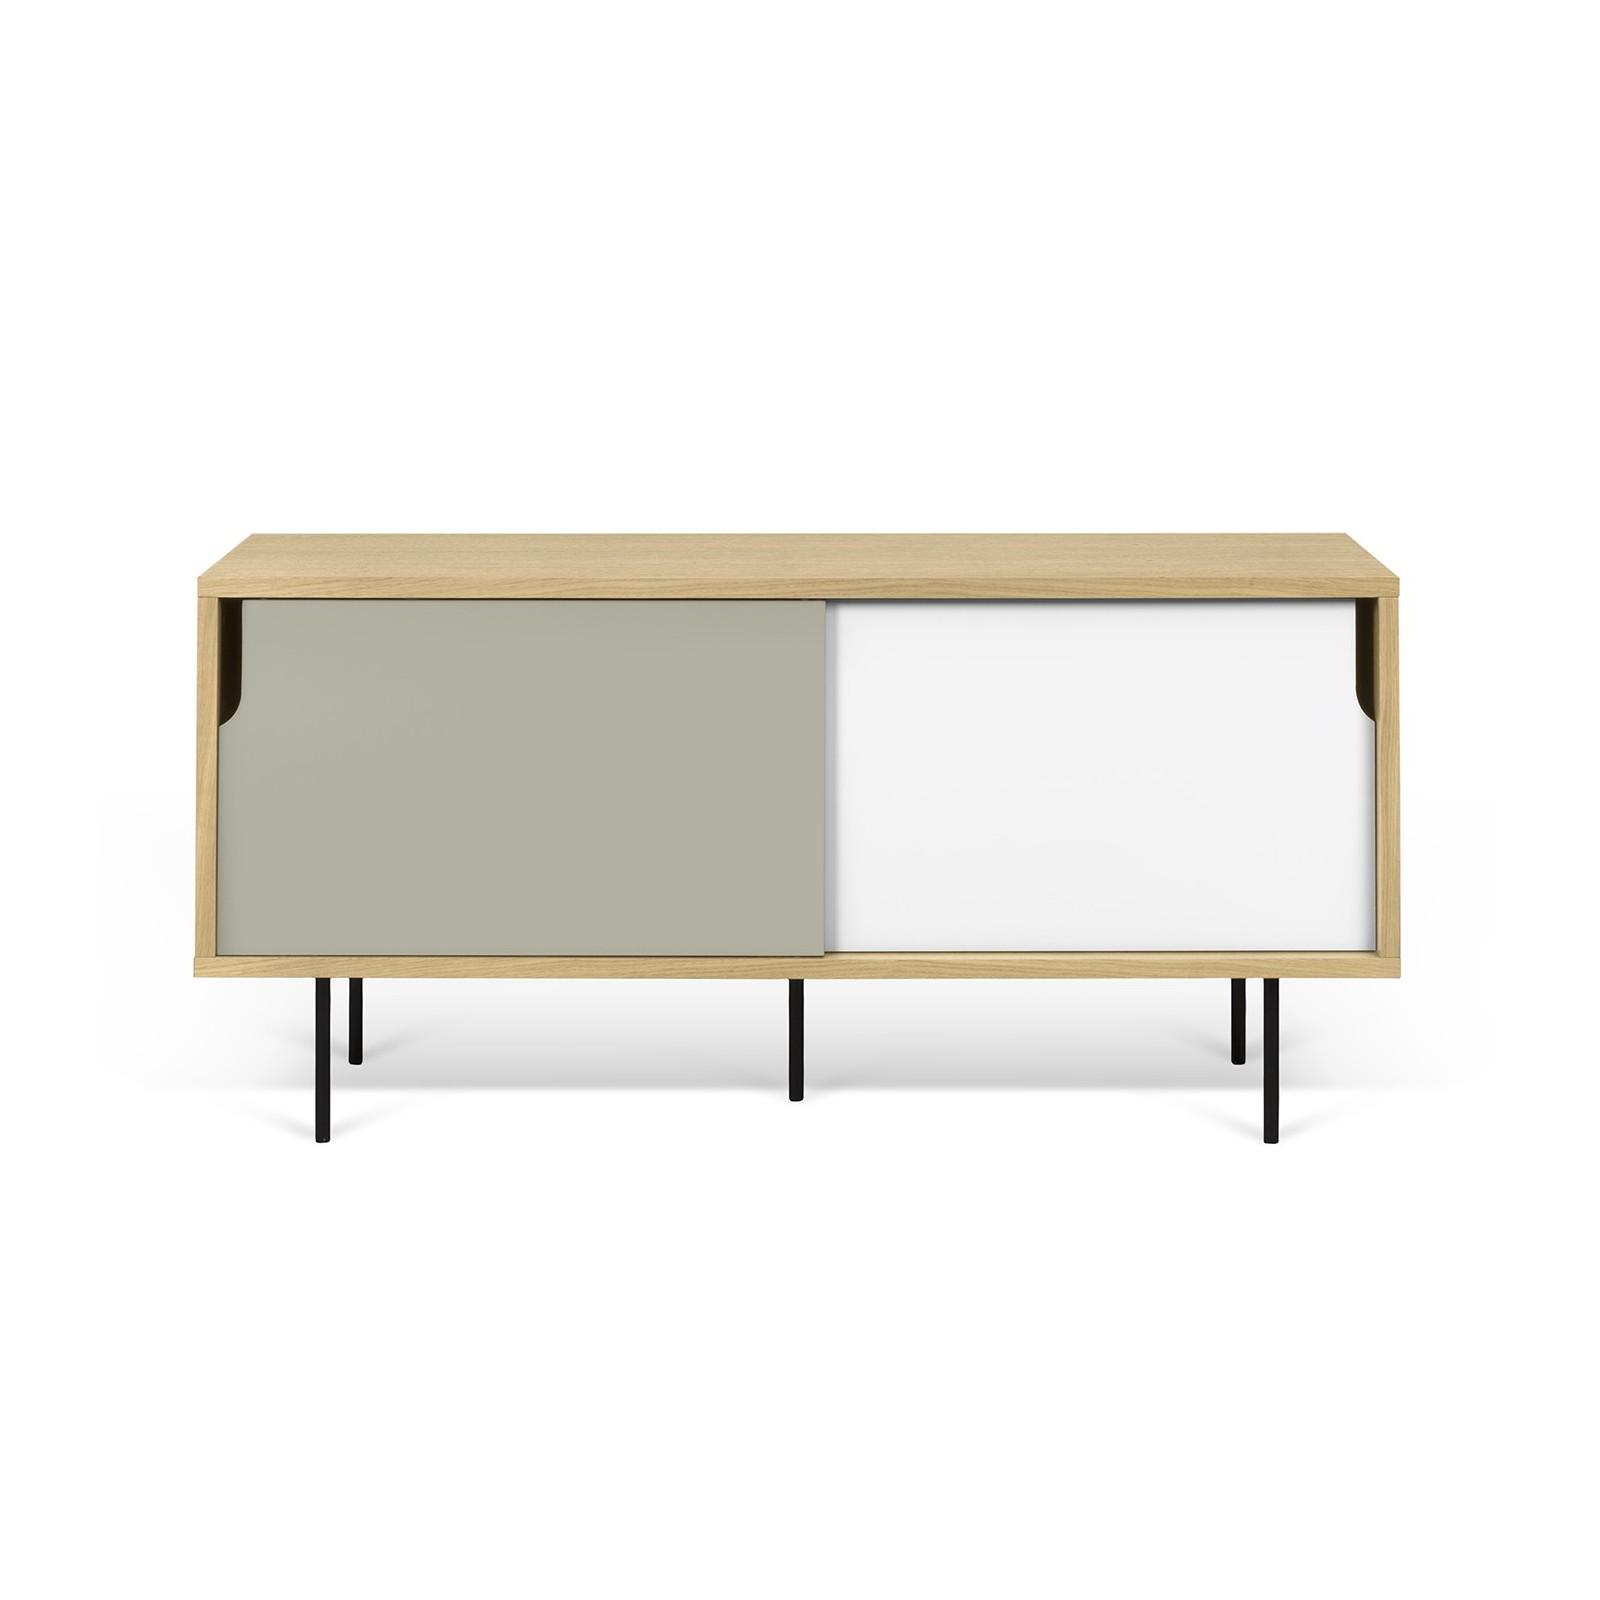 meuble tv danois blanc et gris - Meuble Danois